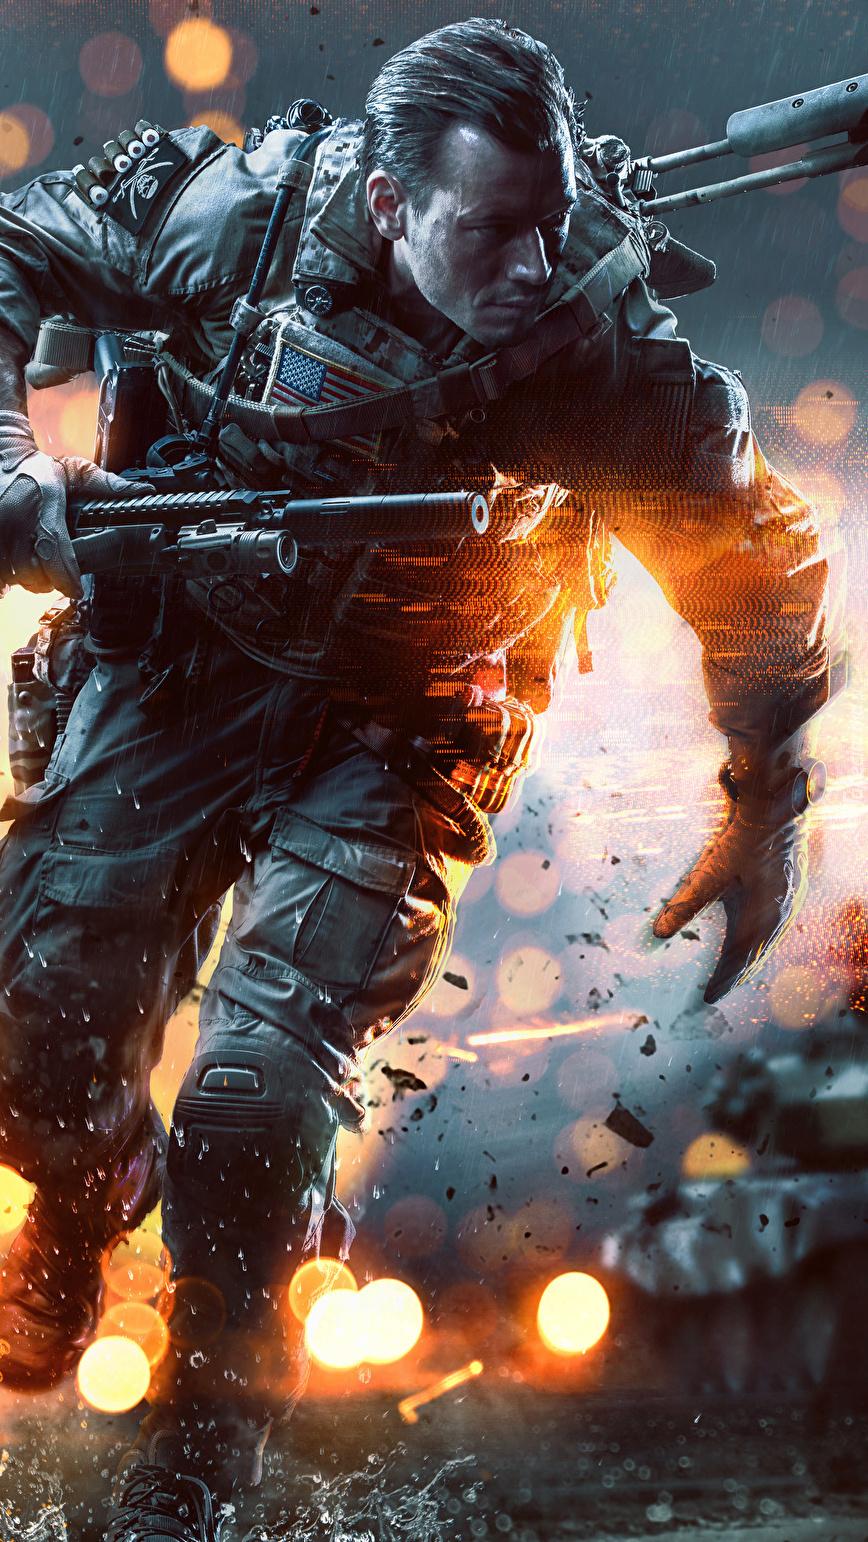 Żołnierz z Battlefield 4